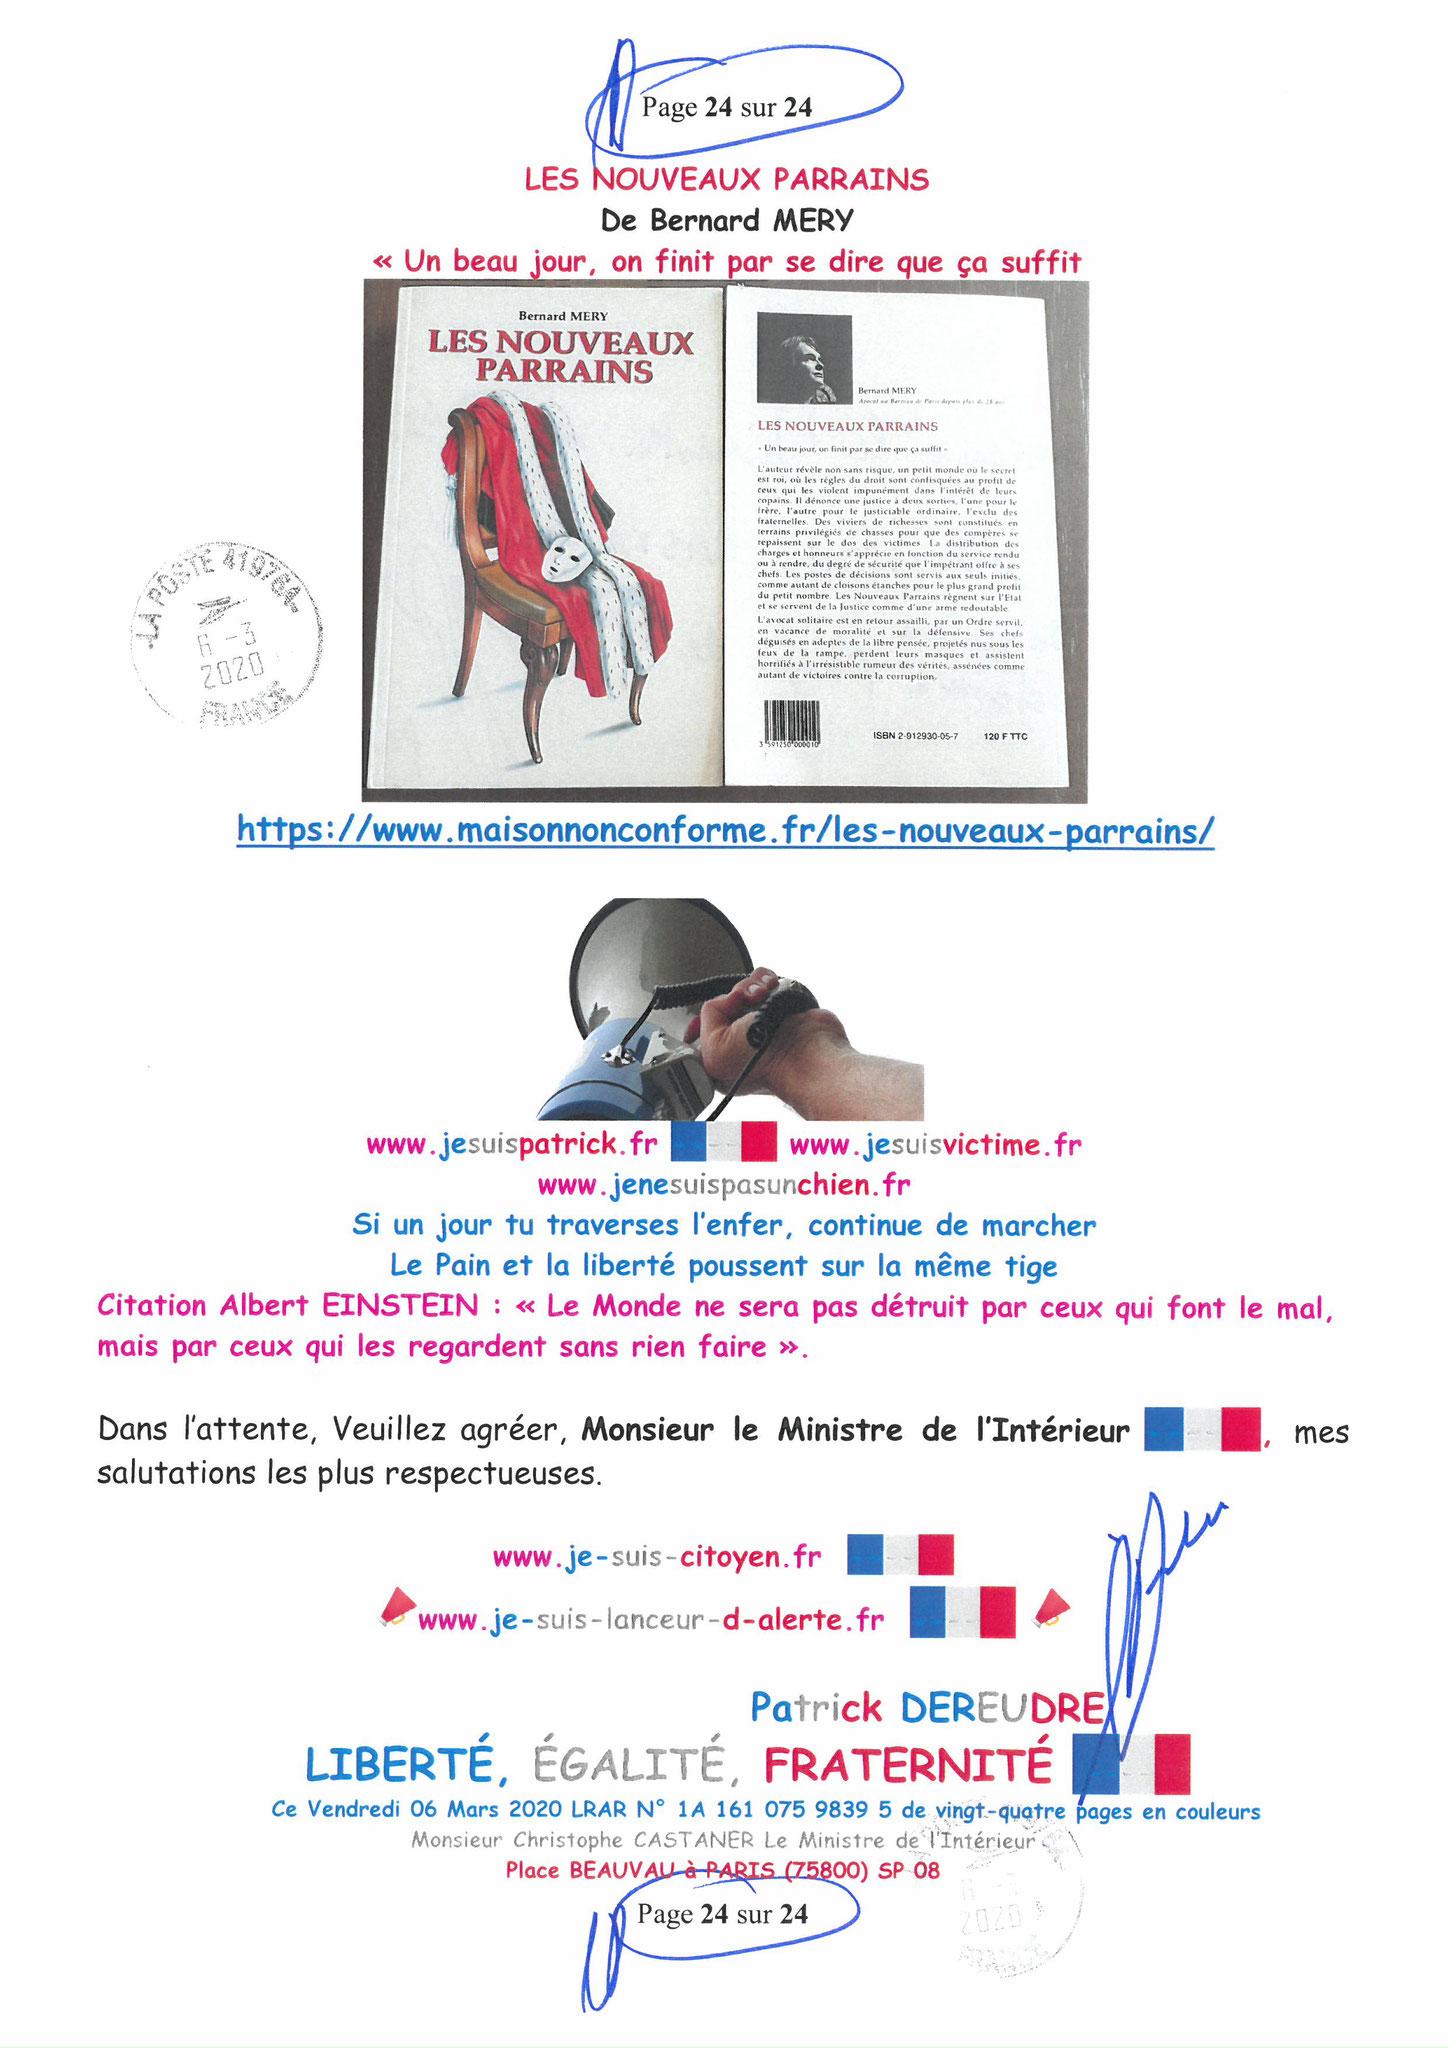 Ma LRAR à Monsieur le Ministre de l'Intérieur Christophe CASTANER N°1A 161 075 9839 5  Page 24 sur 24 en couleur du 06 Mars 2020  www.jesuispatrick.fr www.jesuisvictime.fr www.alerte-rouge-france.fr